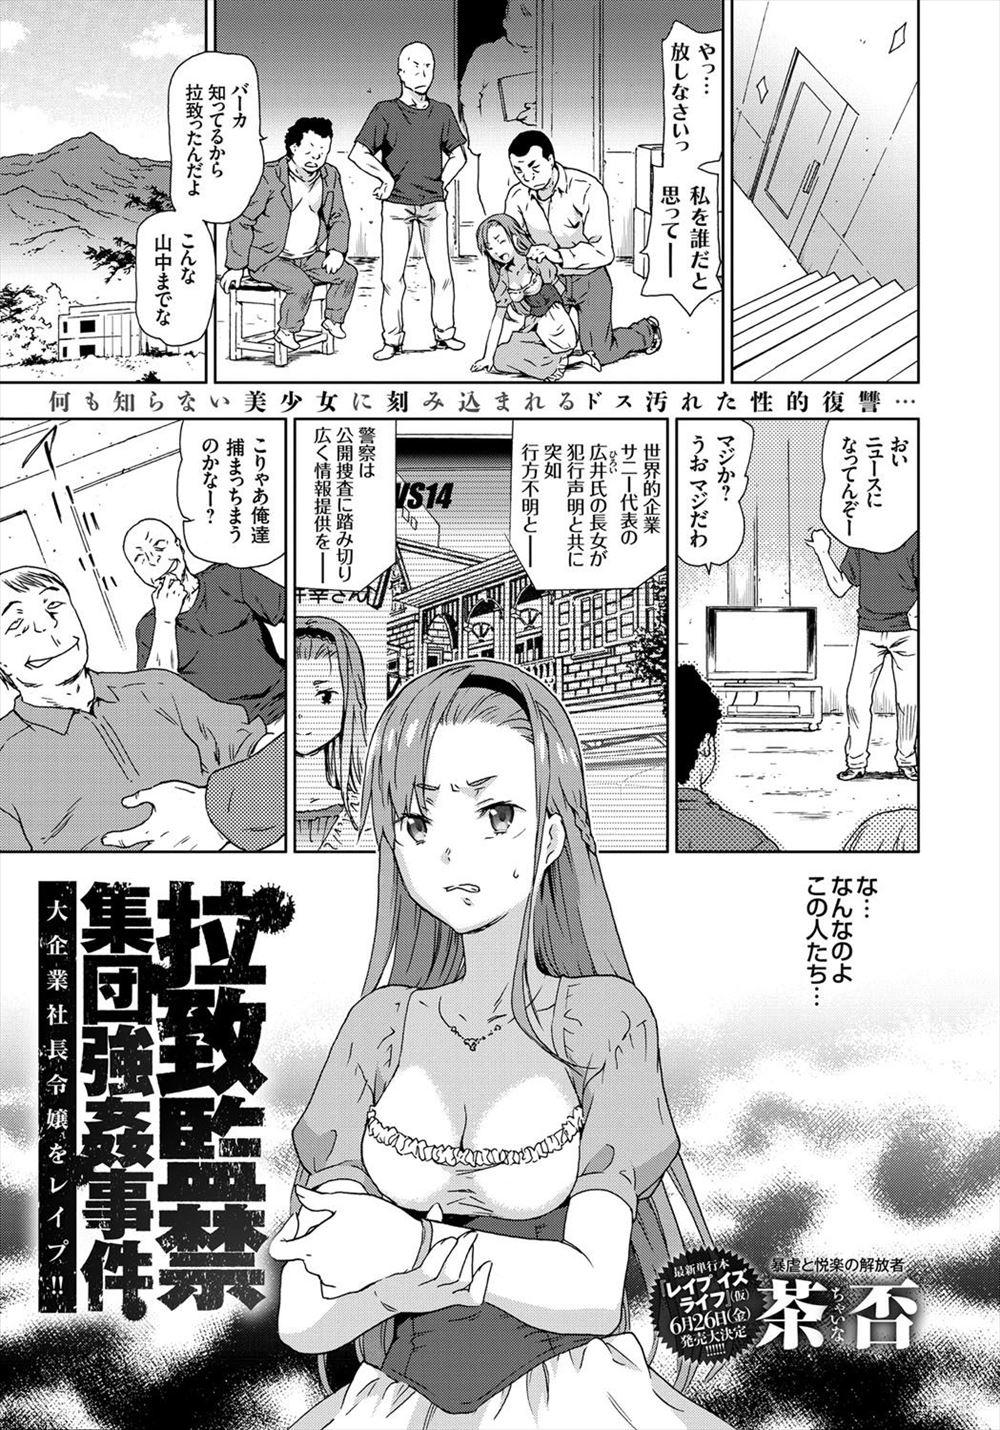 【エロ漫画】リストラされた腹いせに大企業の社長令嬢を山奥の小屋に拉致監禁して集団で輪姦レイプする!